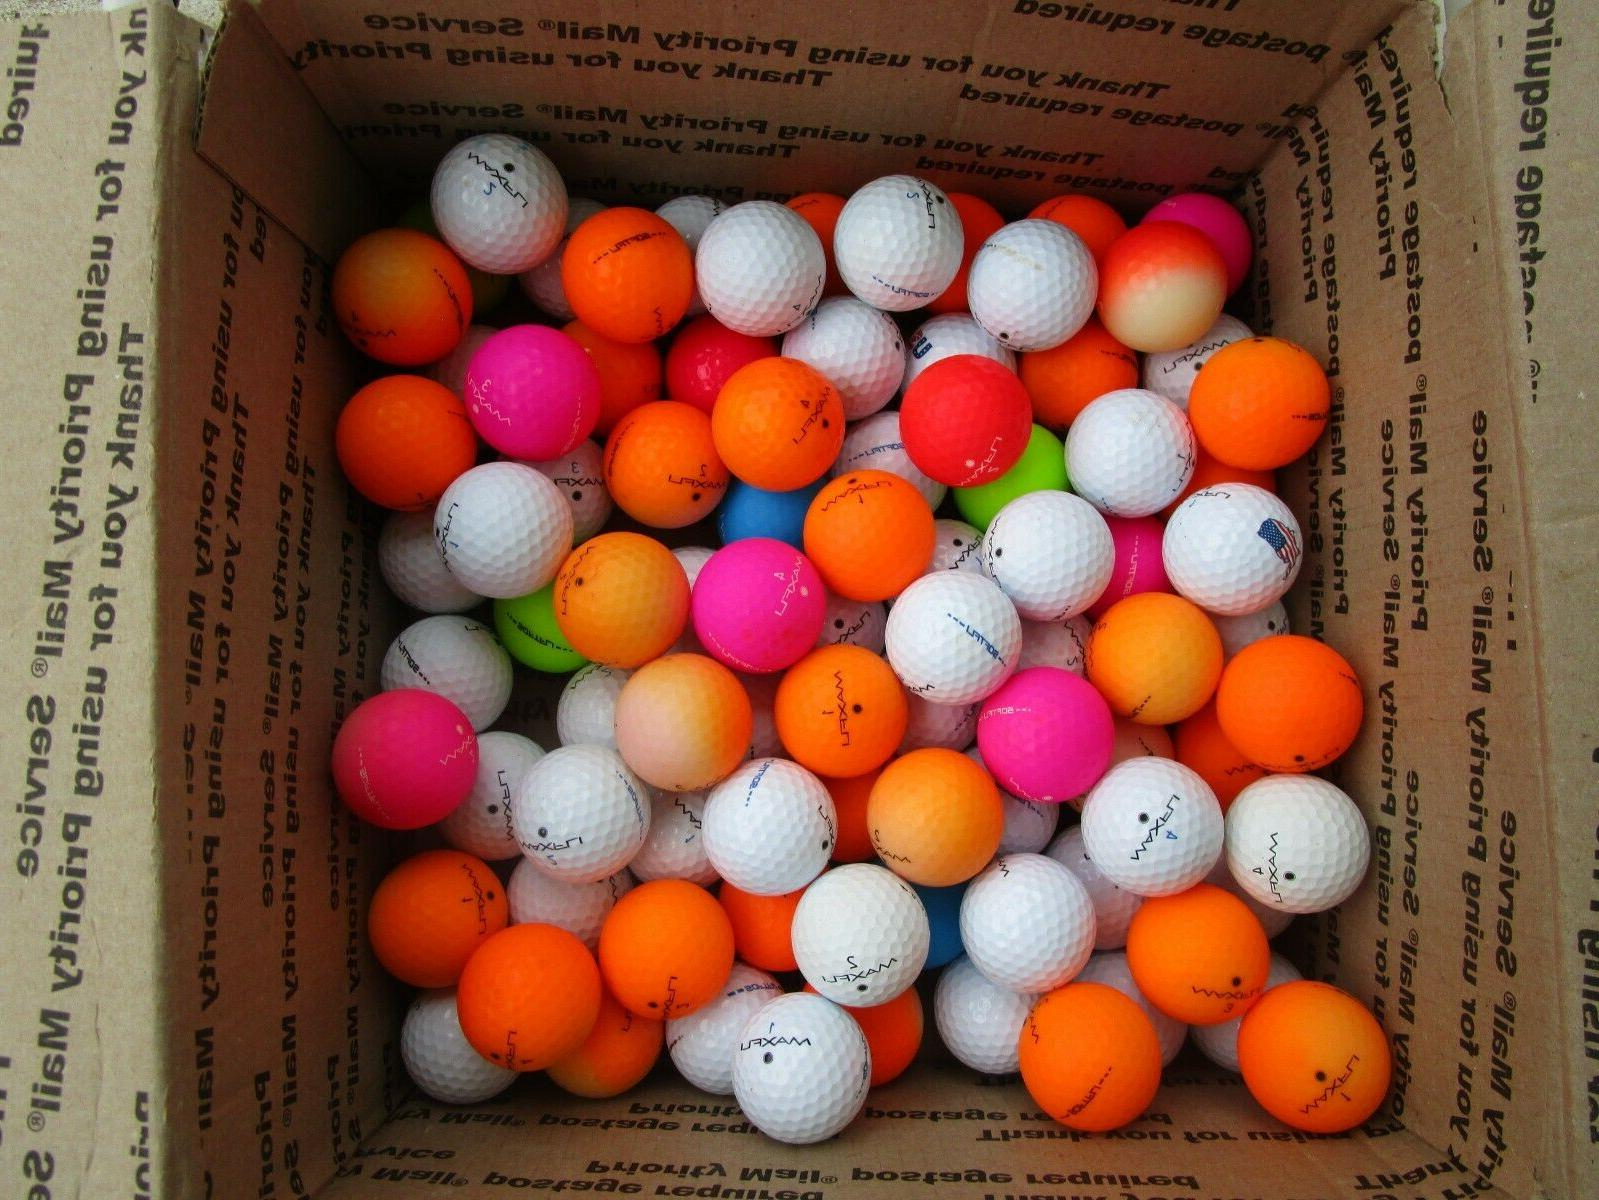 60 speedfli softfli straightfli golf ball mix